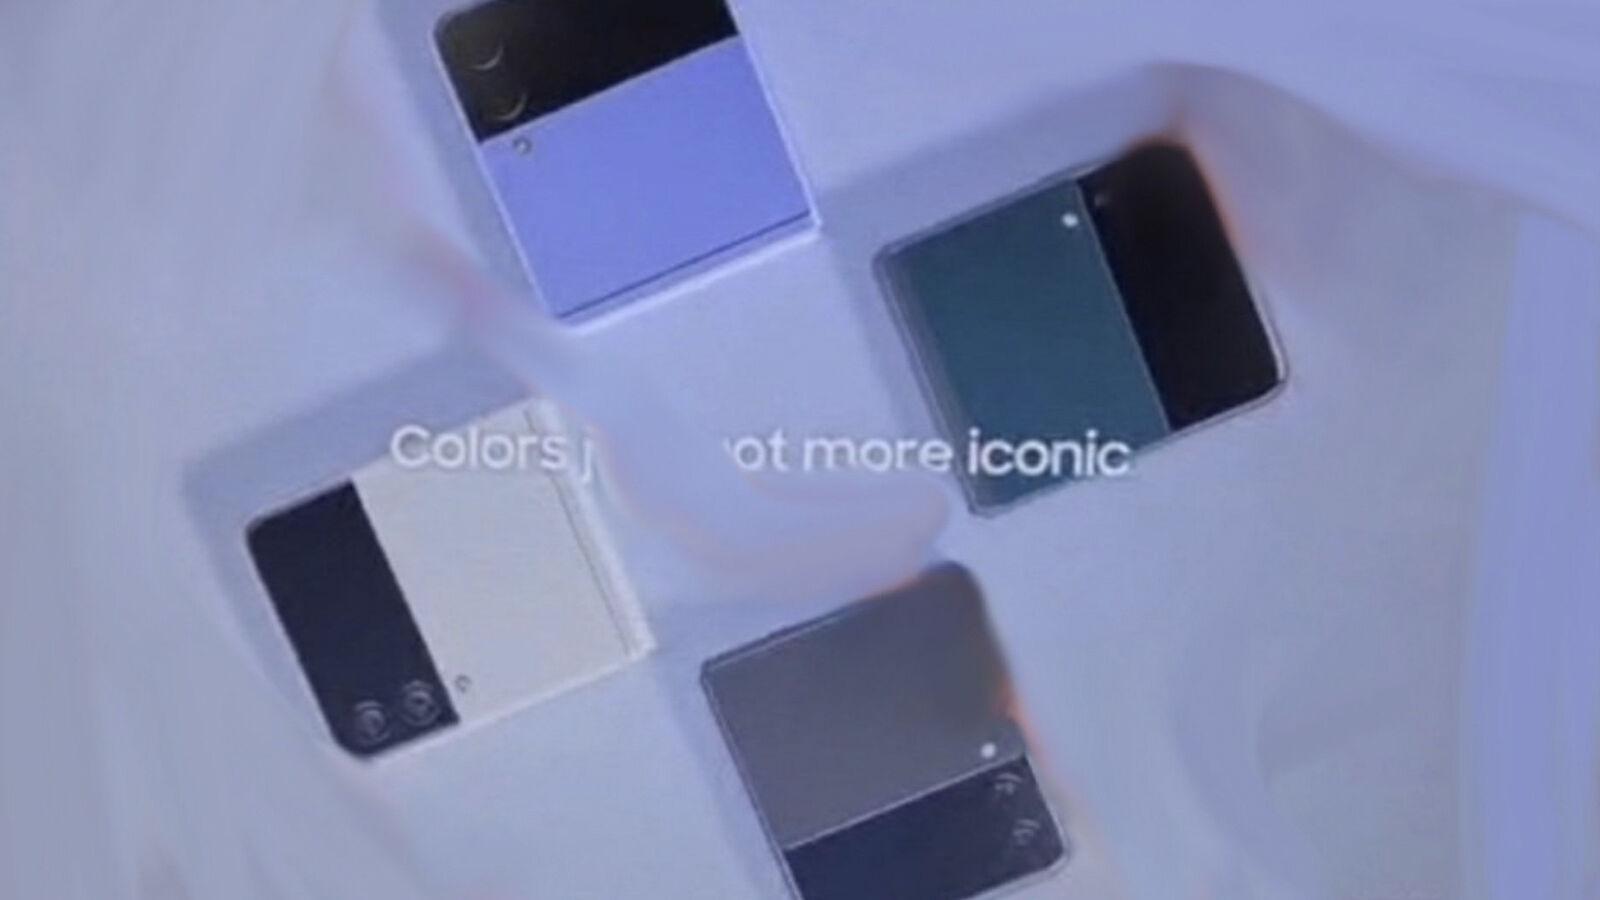 Galaxy Z Flip 3 colores de fuga |  Universo de hielo